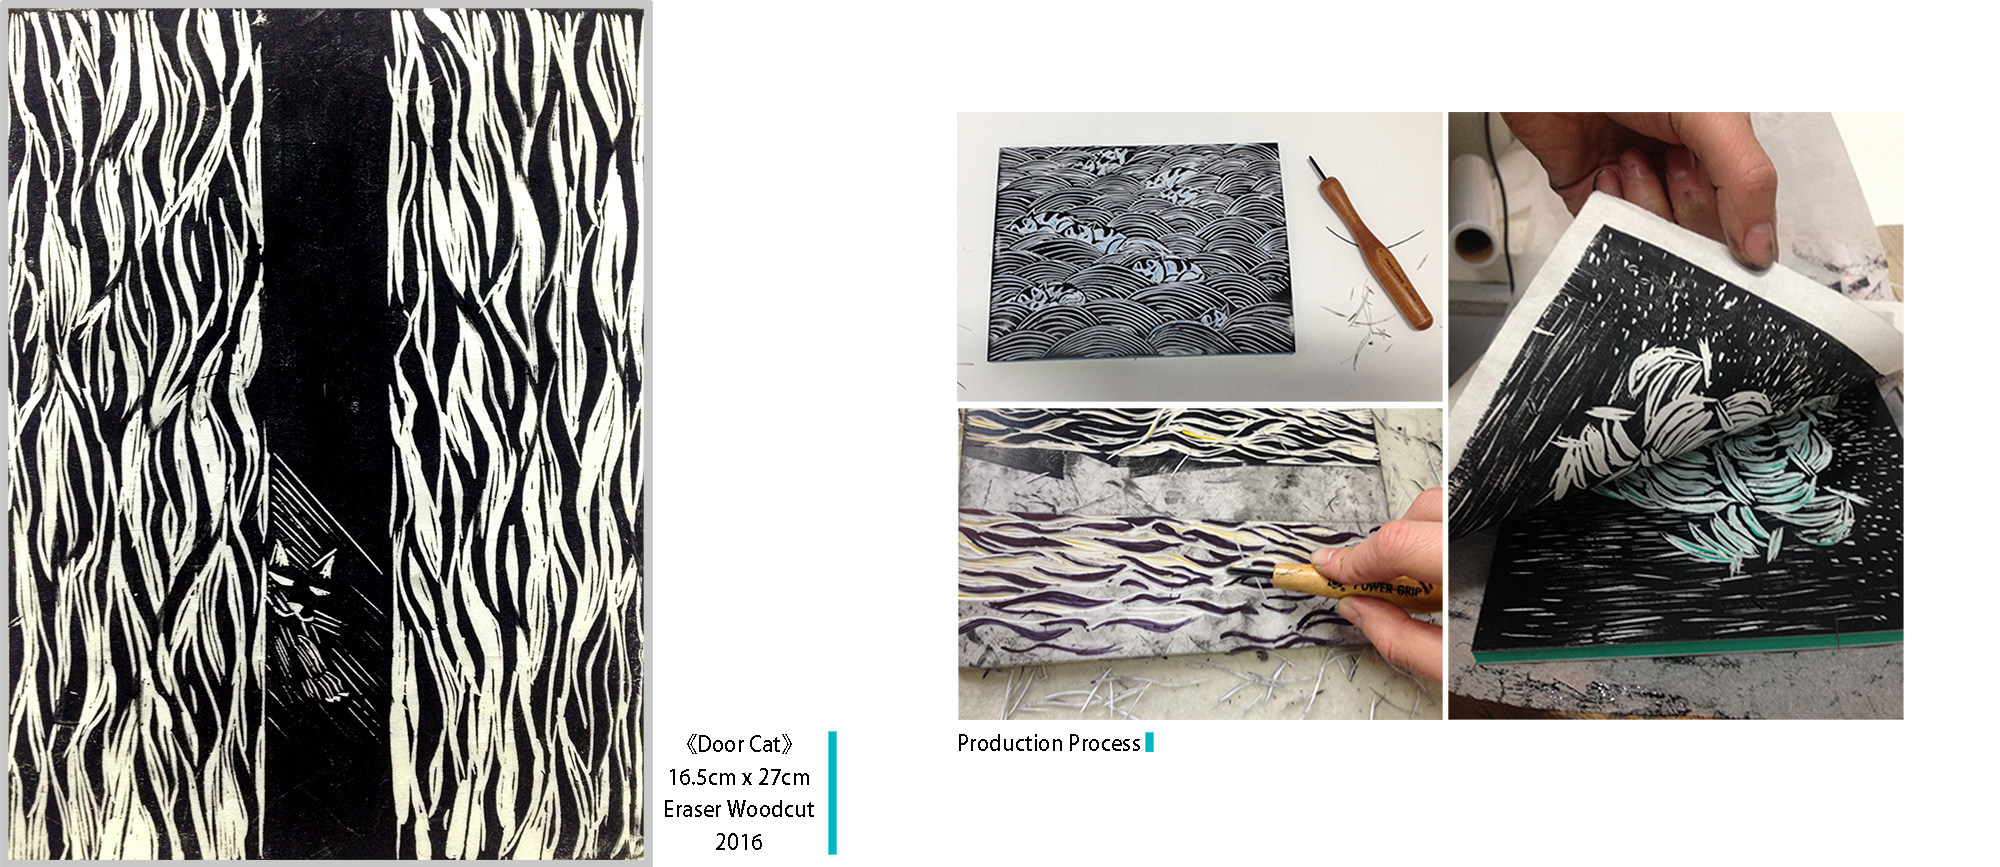 主修课程 立体构成,平面构成,色彩设计,表现技法,模型制作,工业设计